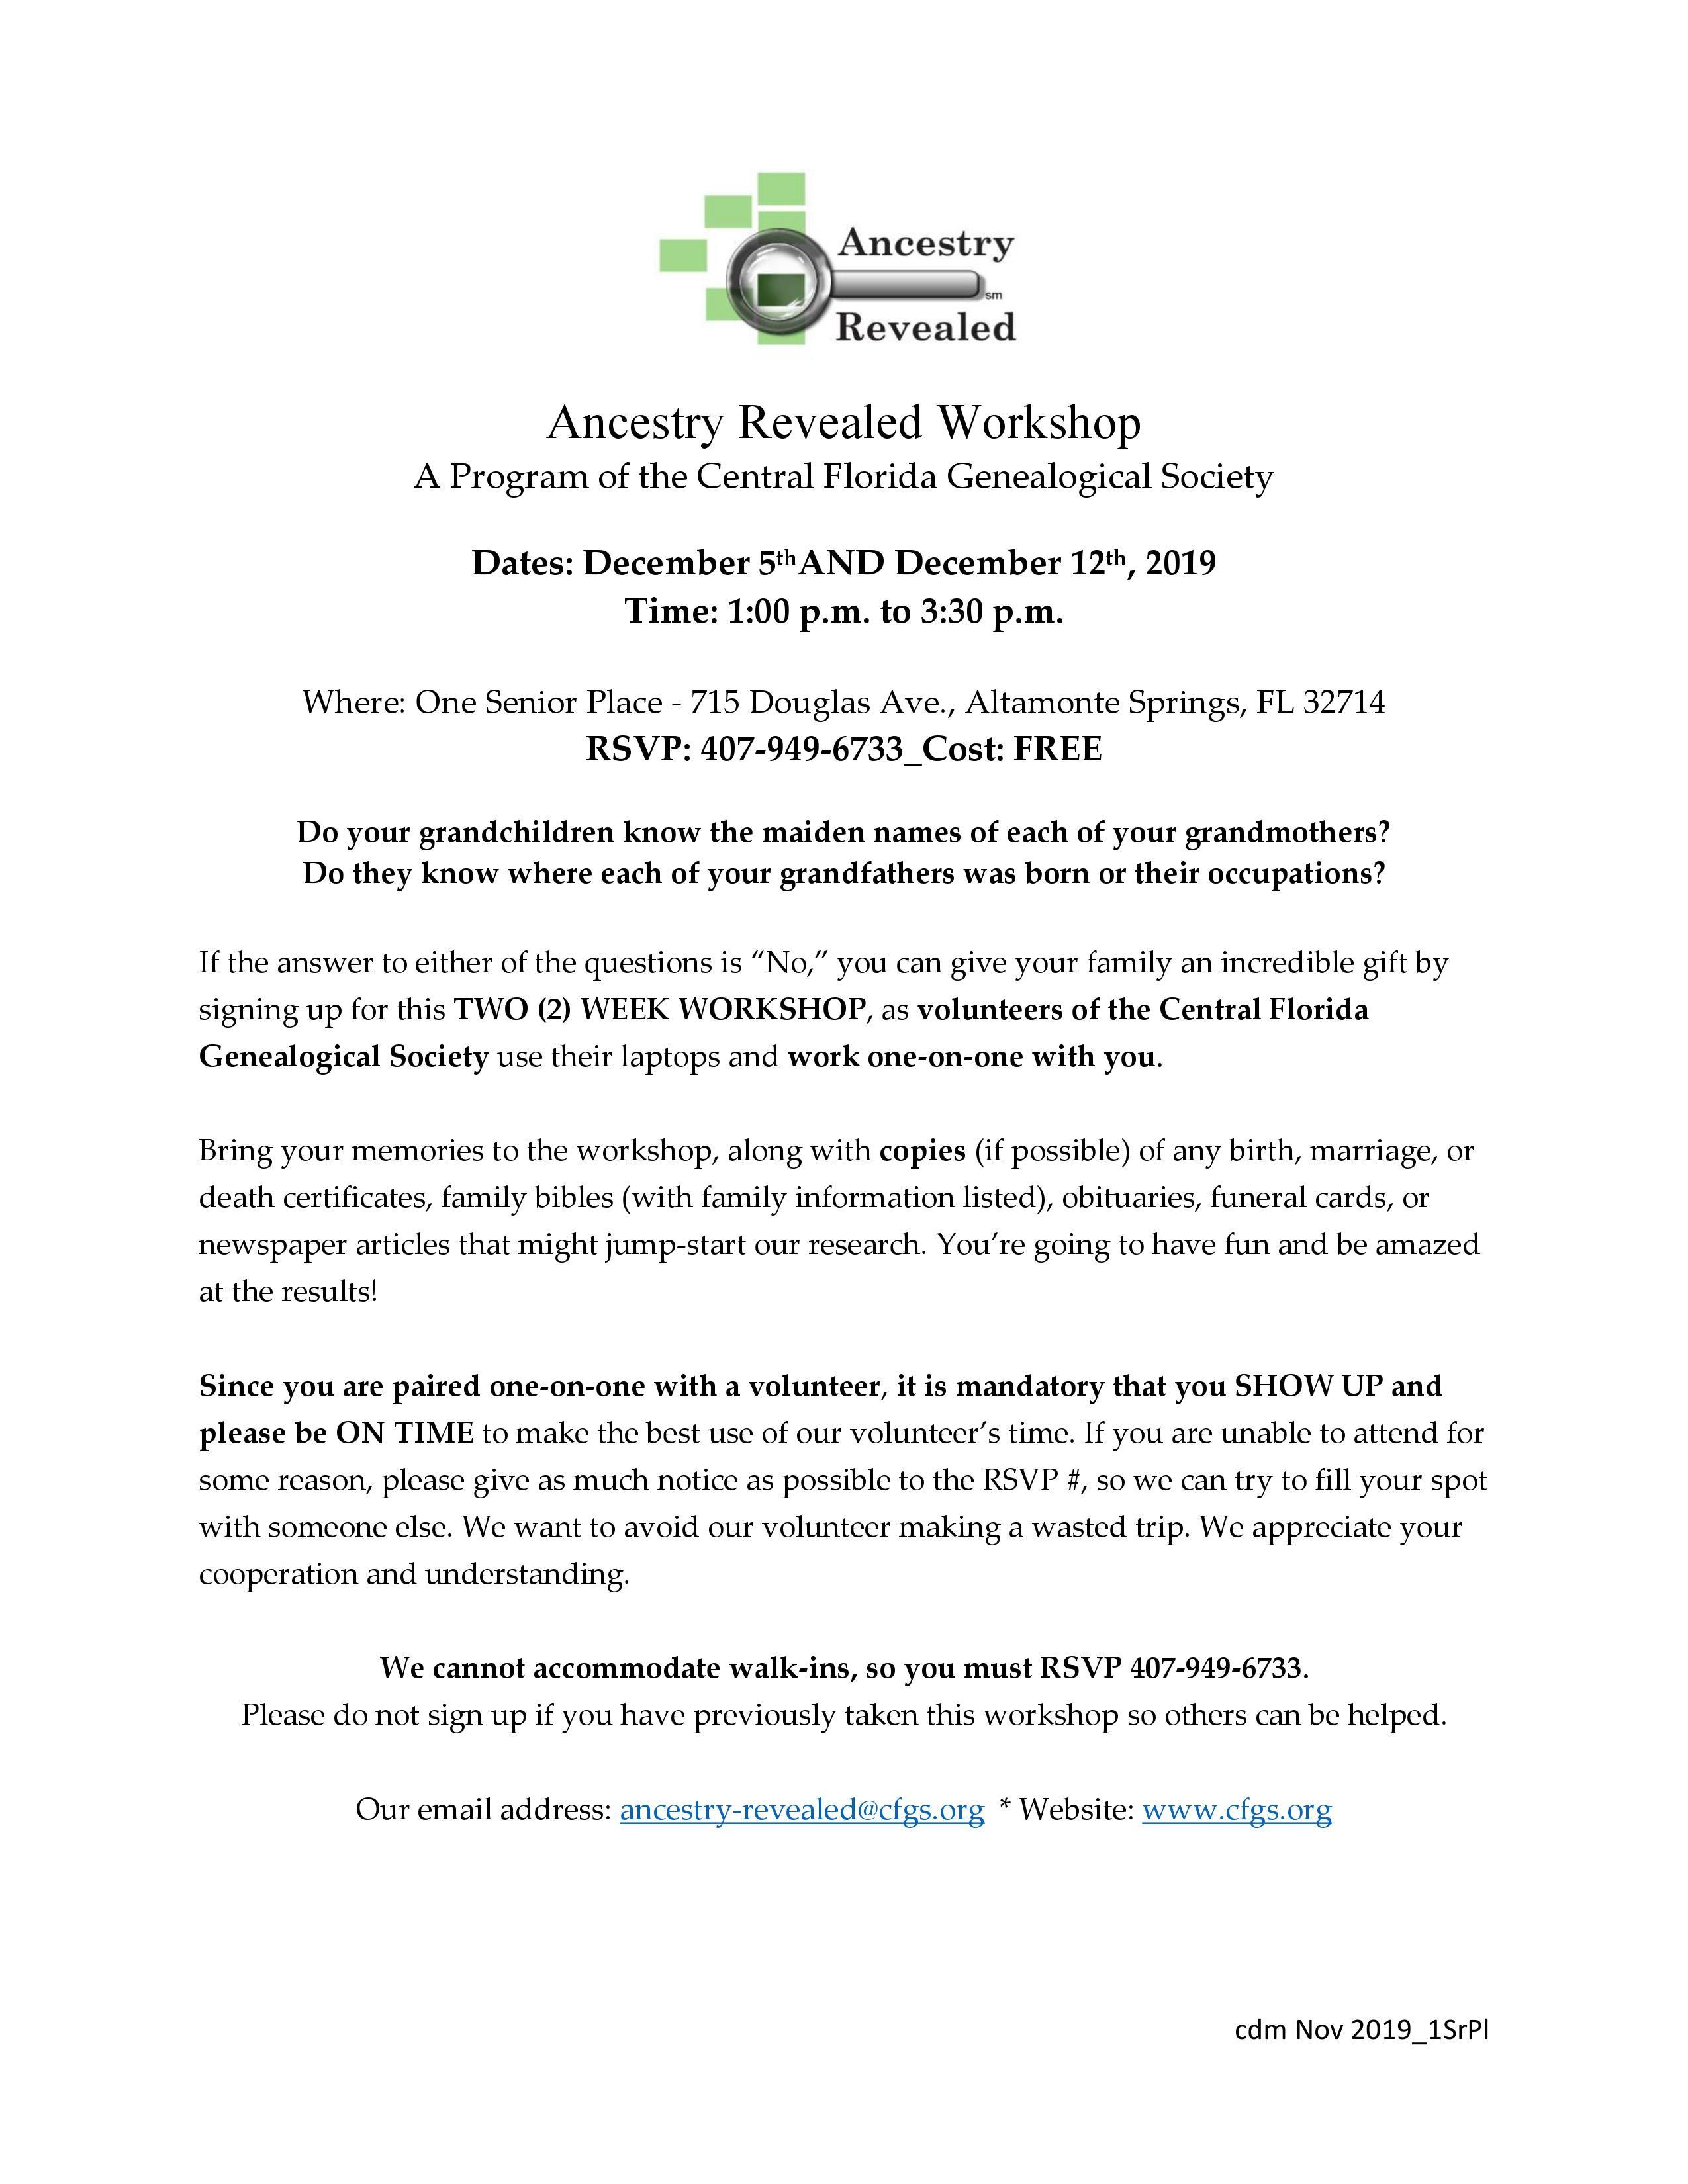 Ancestry Revealed - 2 Part Workshop